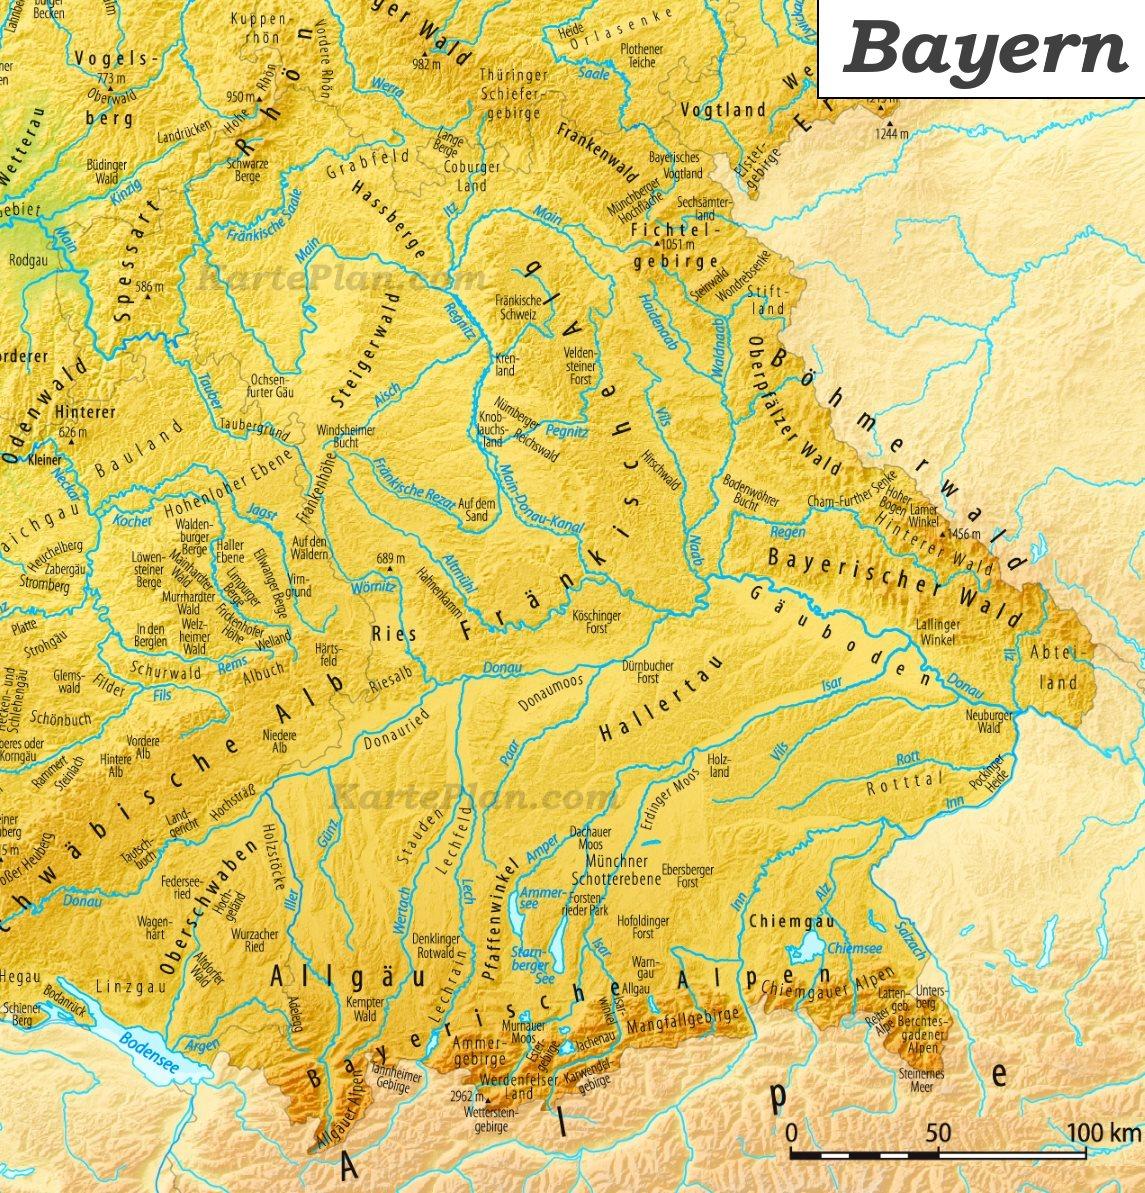 Karte Bayern.Physische Landkarte Von Bayern